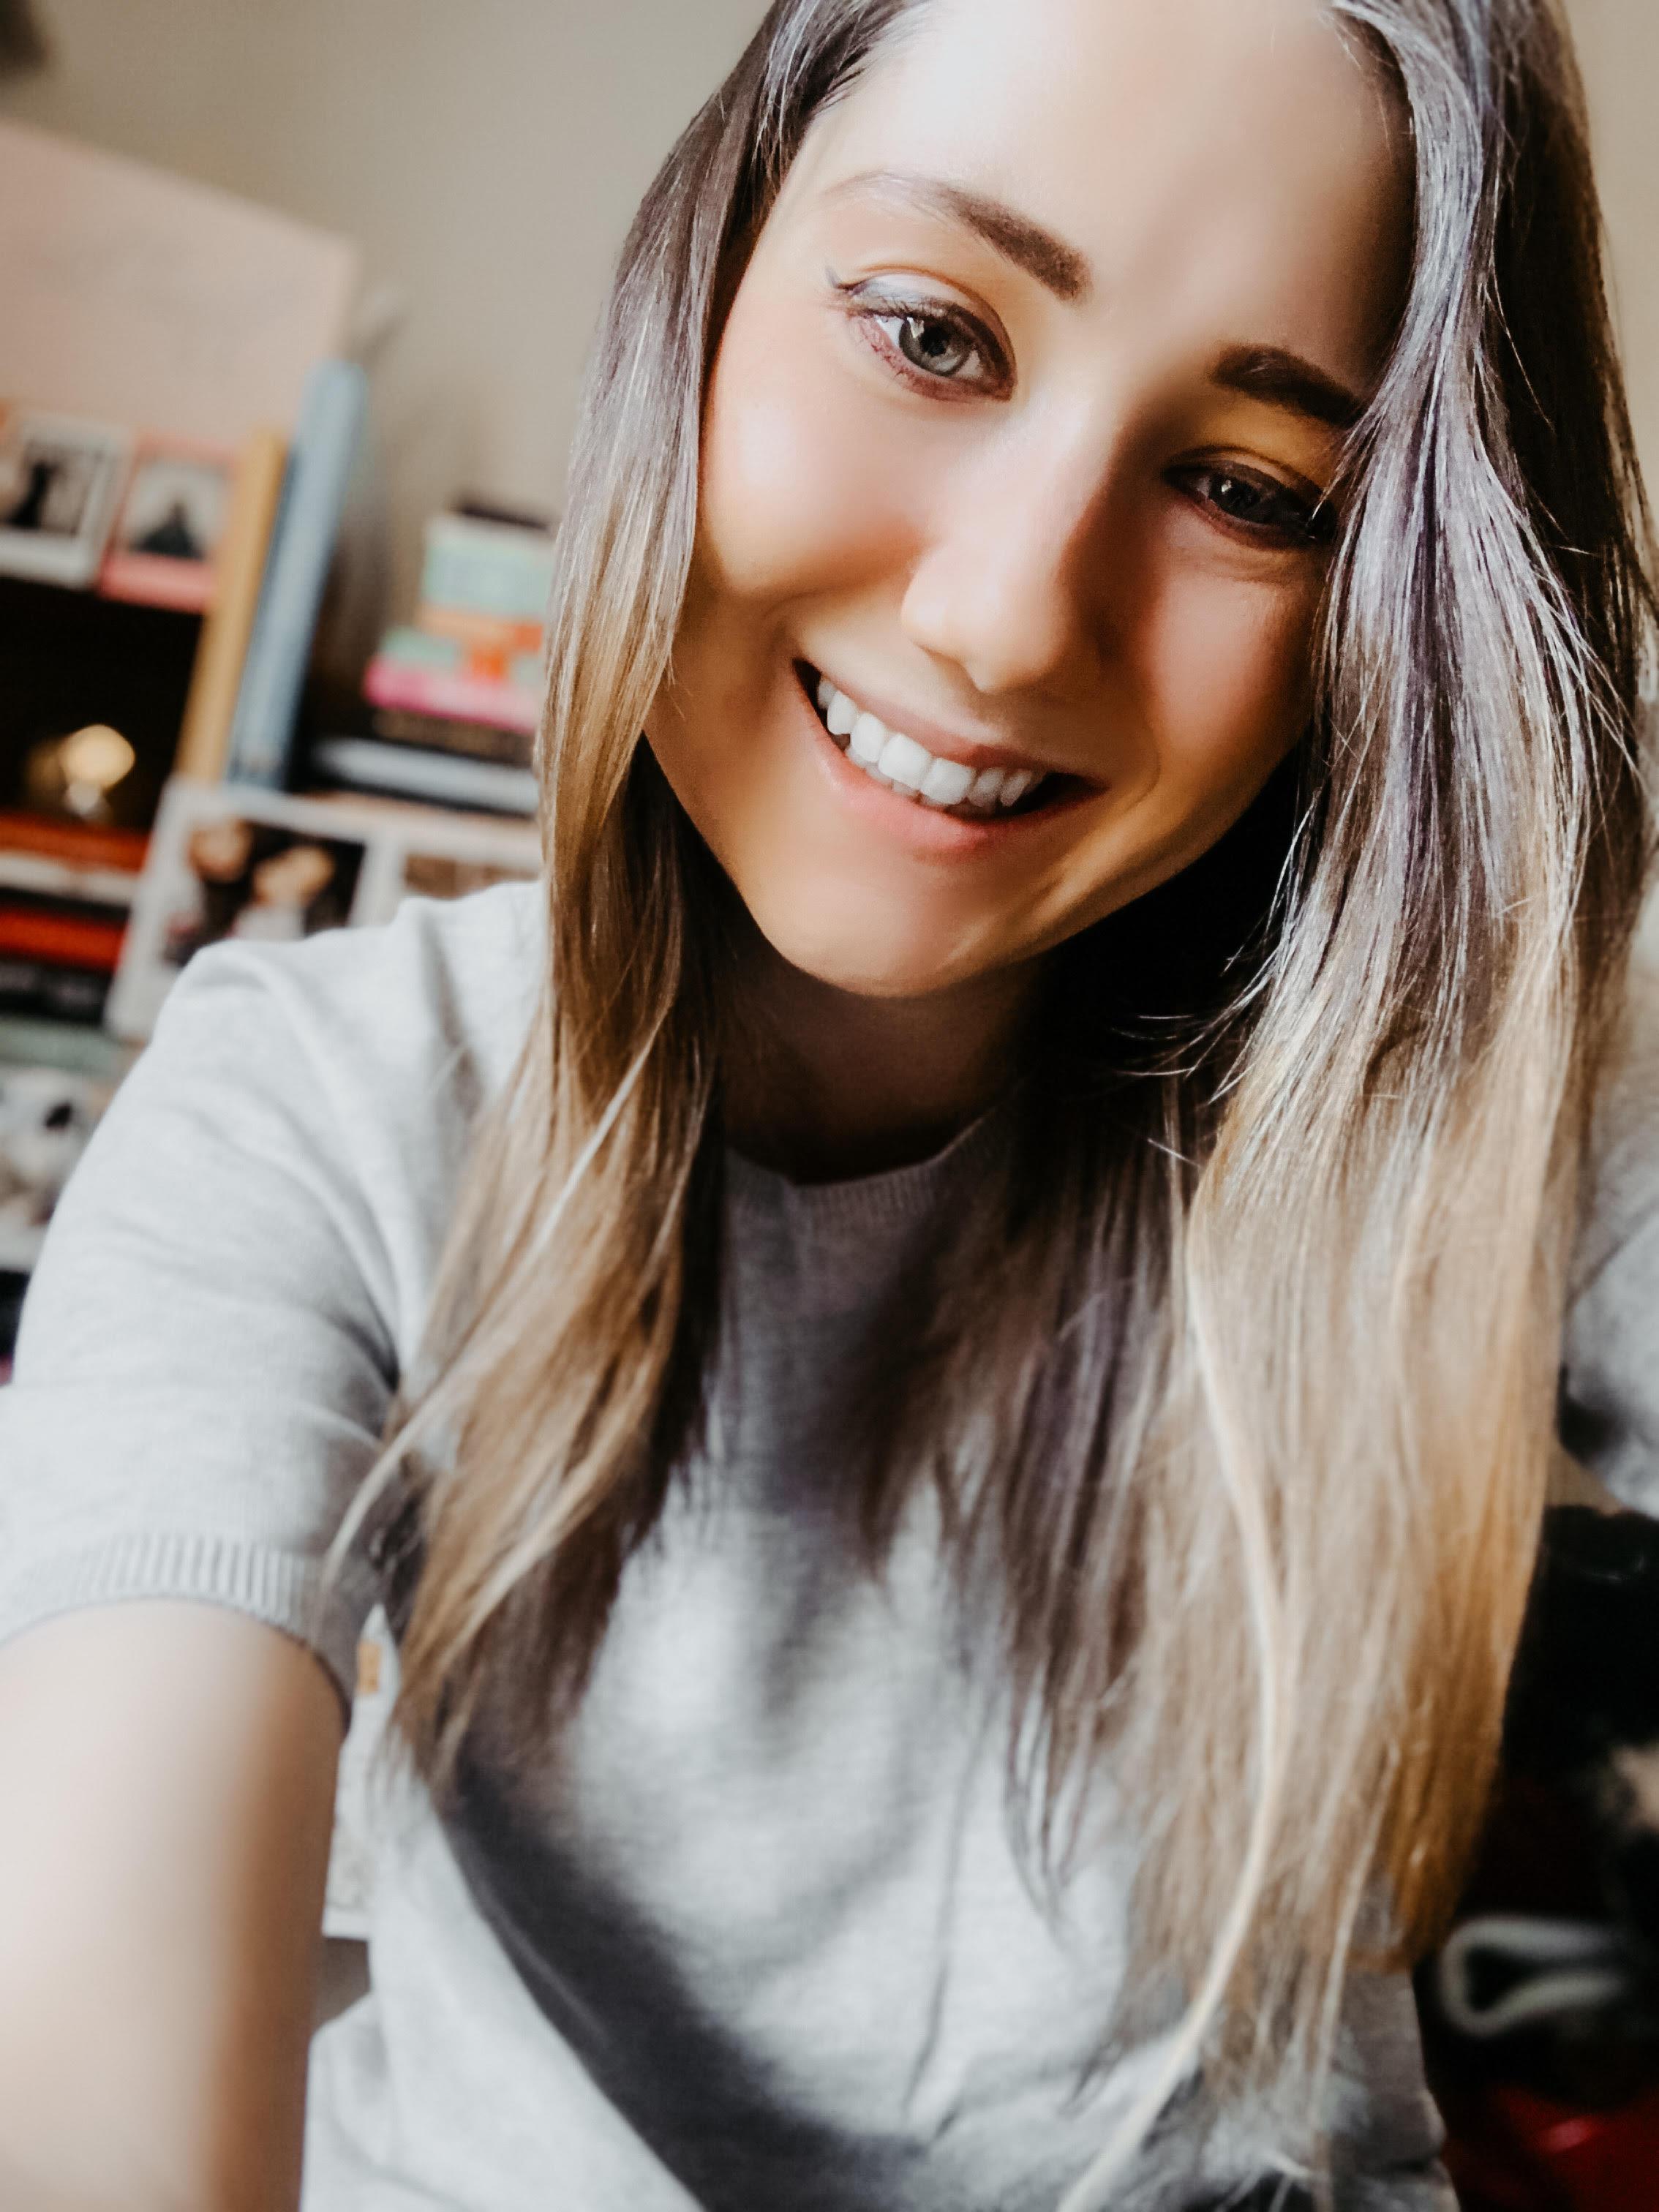 Sarah Caterina